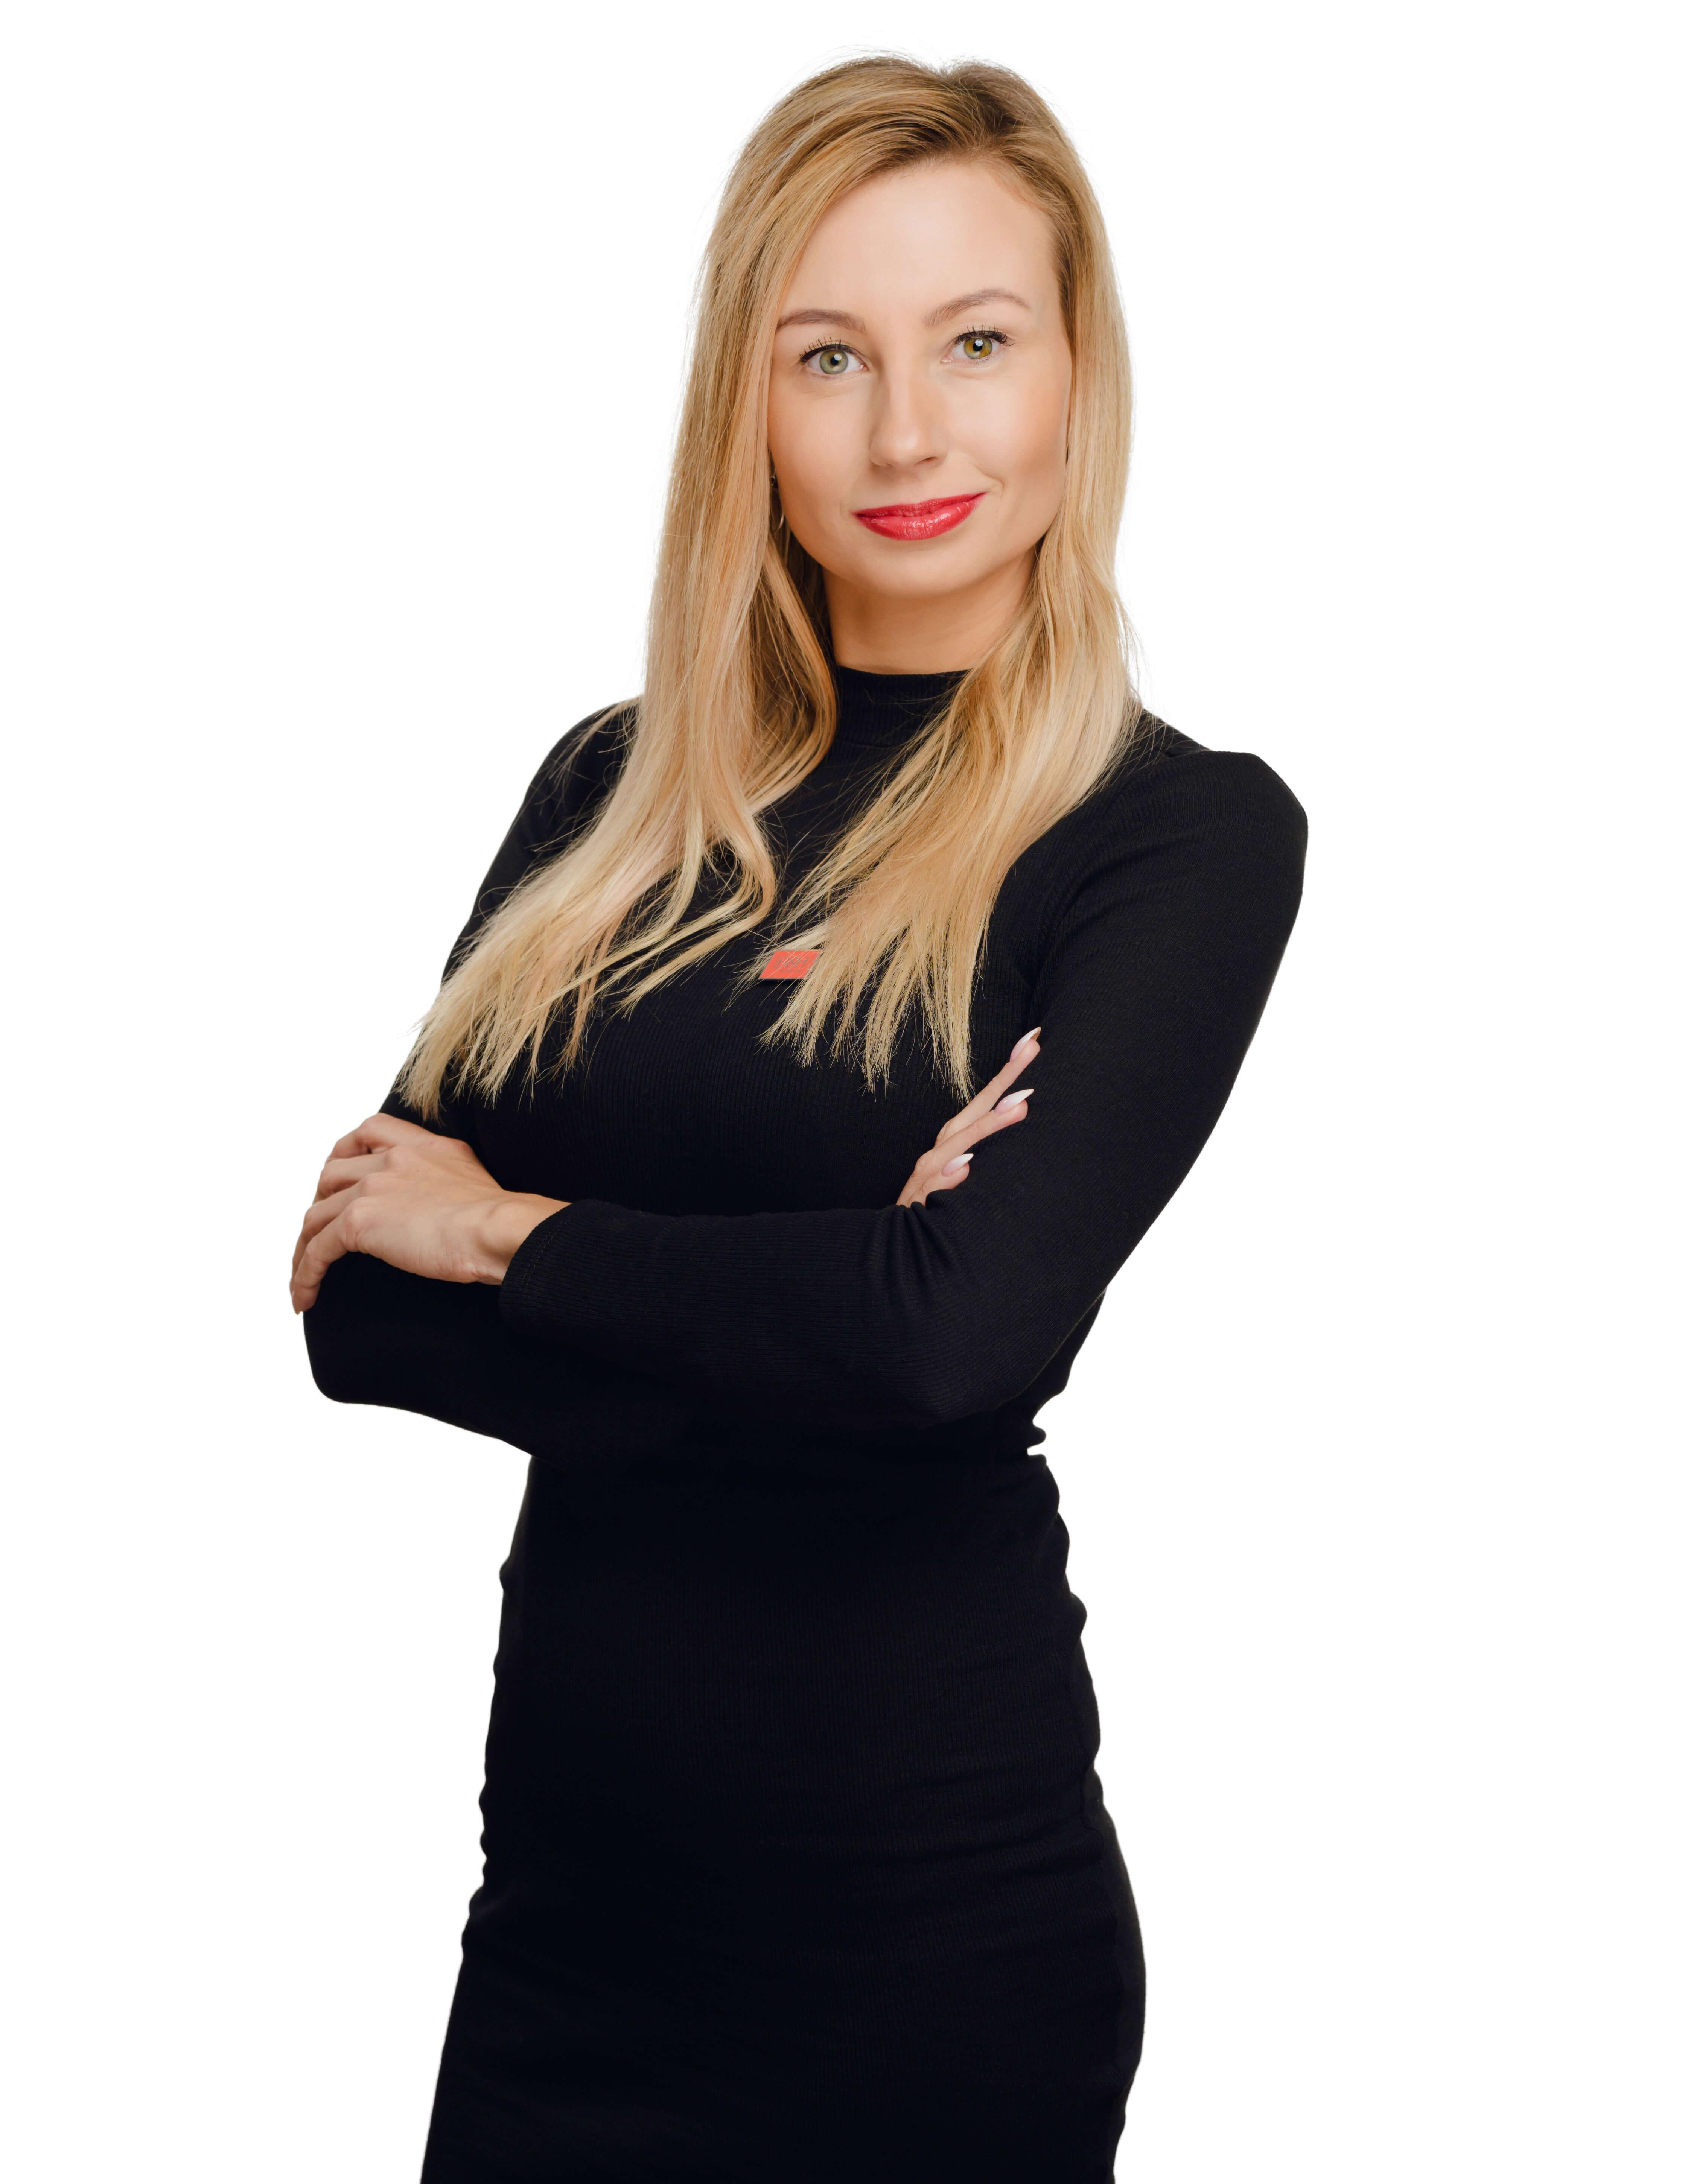 Karolina Maturska